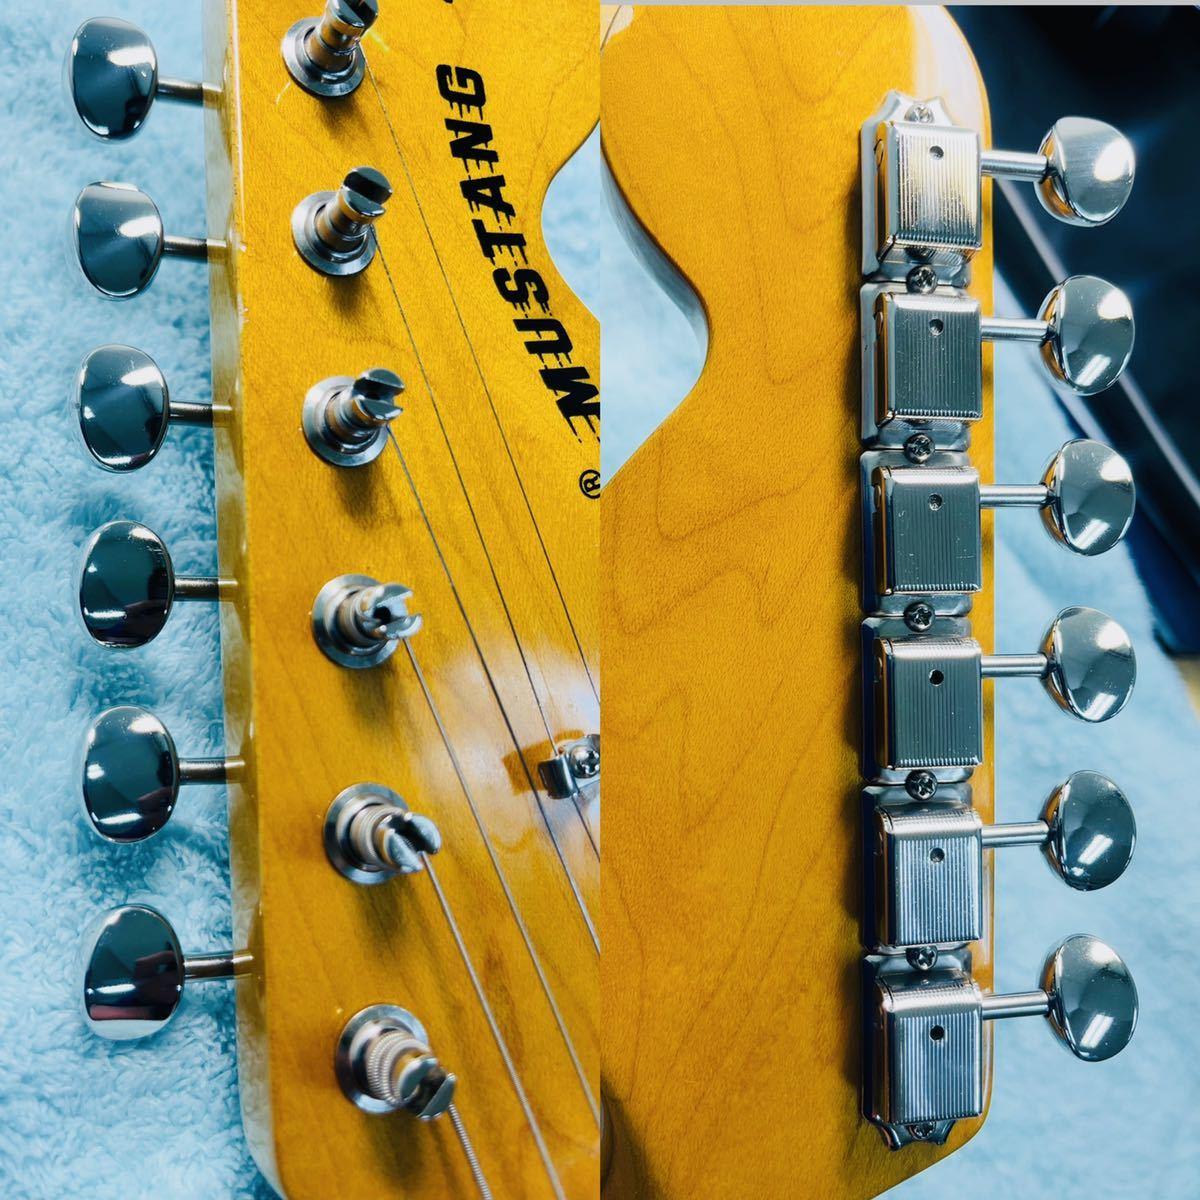 美品 Fender フェンダー MUSTANG エレキギター ムスタング U002928 肩掛けベルト ソフトケース付き_画像6